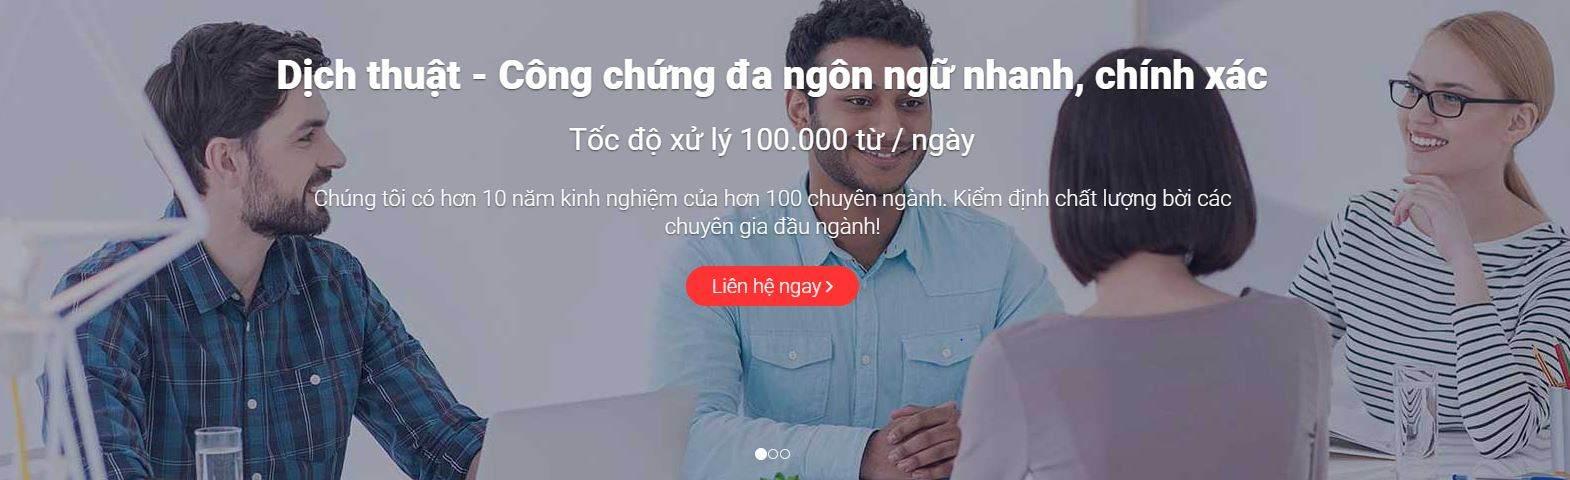 cong-ty-dich-thuat-chuyen-nghiep-tai-quan-cau-giay-ha-noi